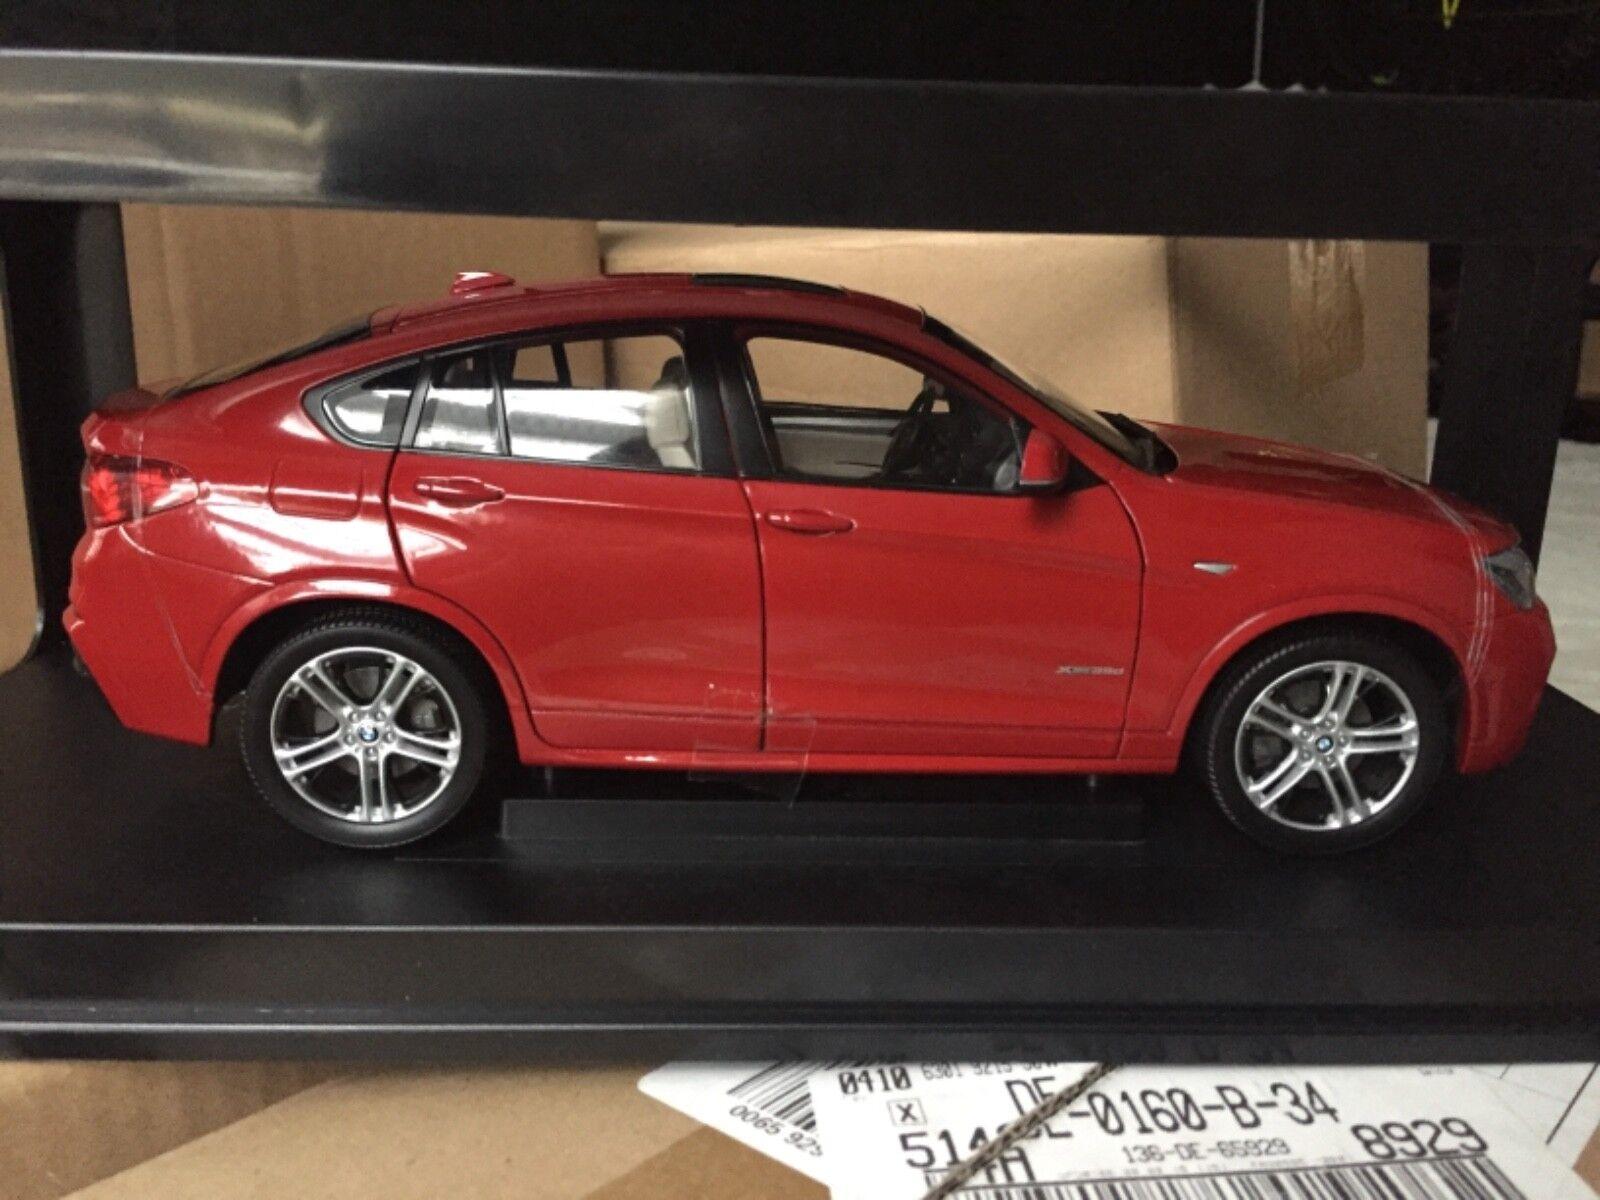 BMW x4 xDrive 35d M Paquet Rouge 1 18